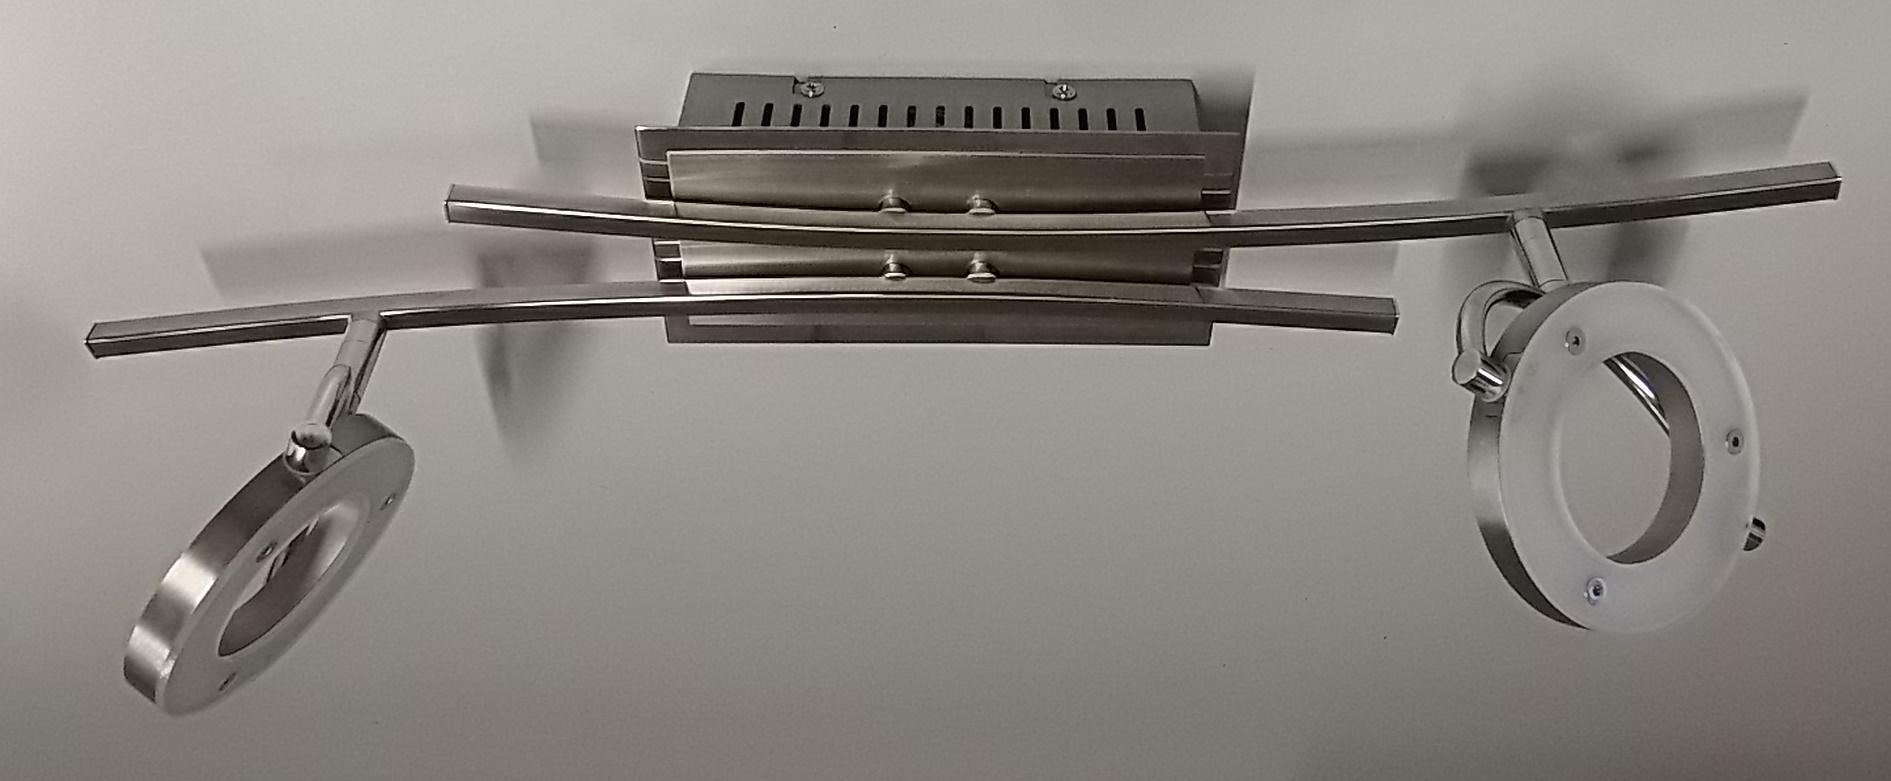 LED spot lamp 3